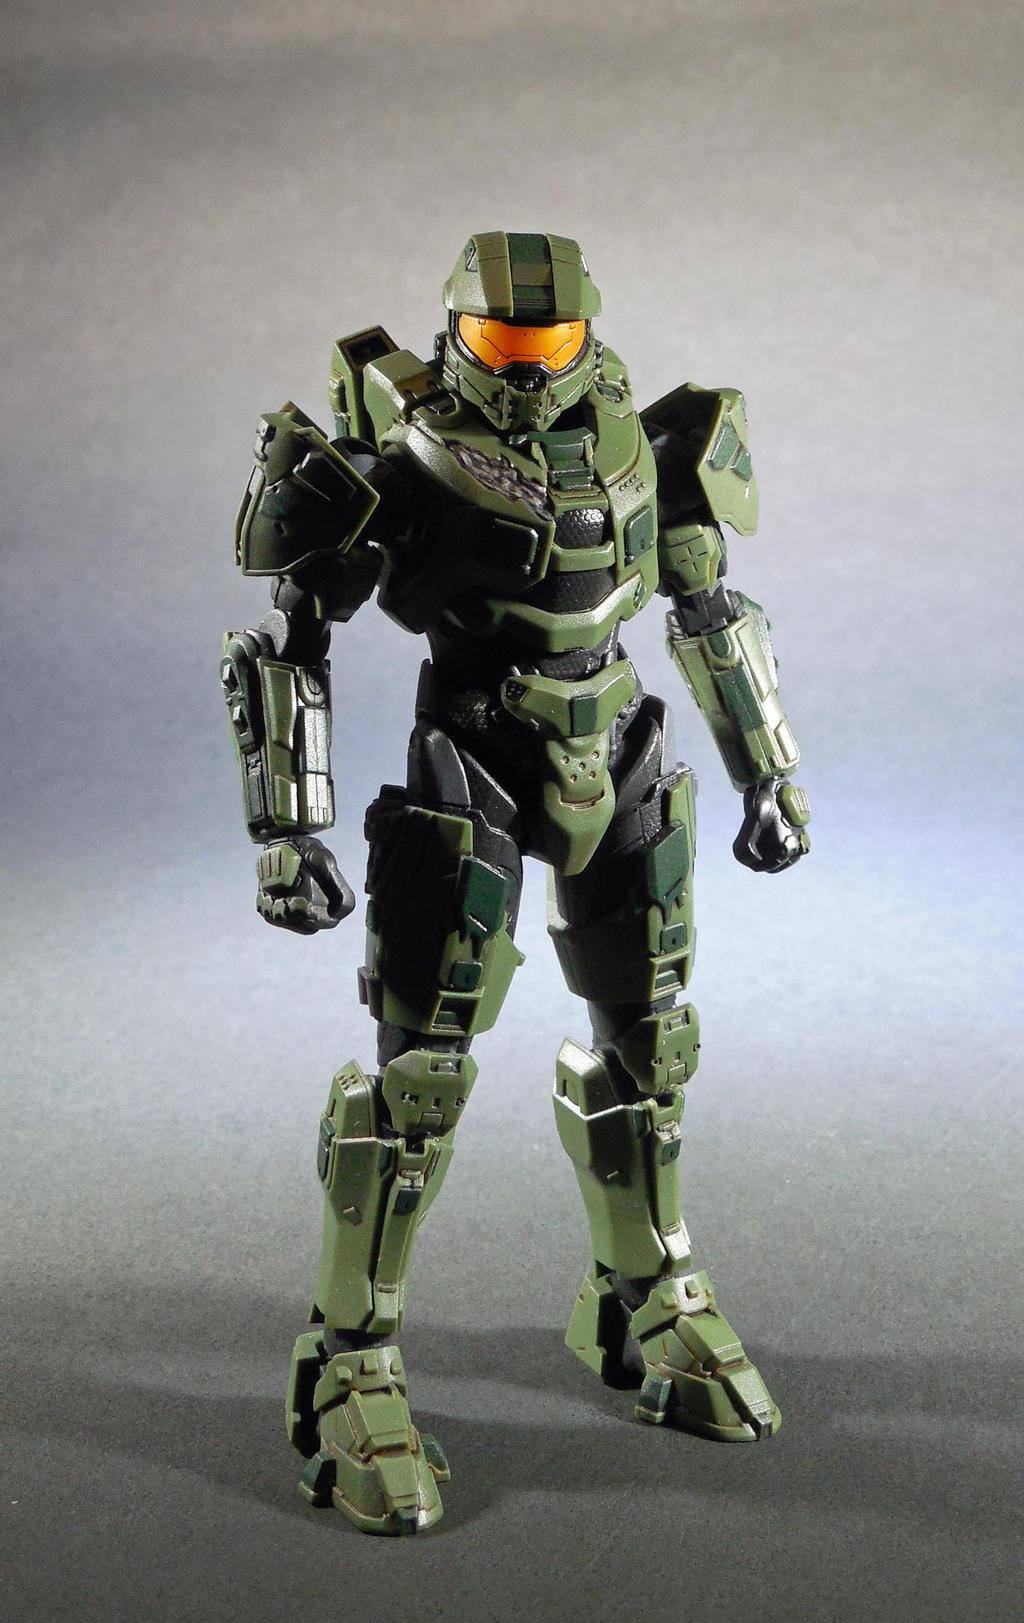 SpruKits: Bandai Model Kits of DC Heroes, Halo, and more ...